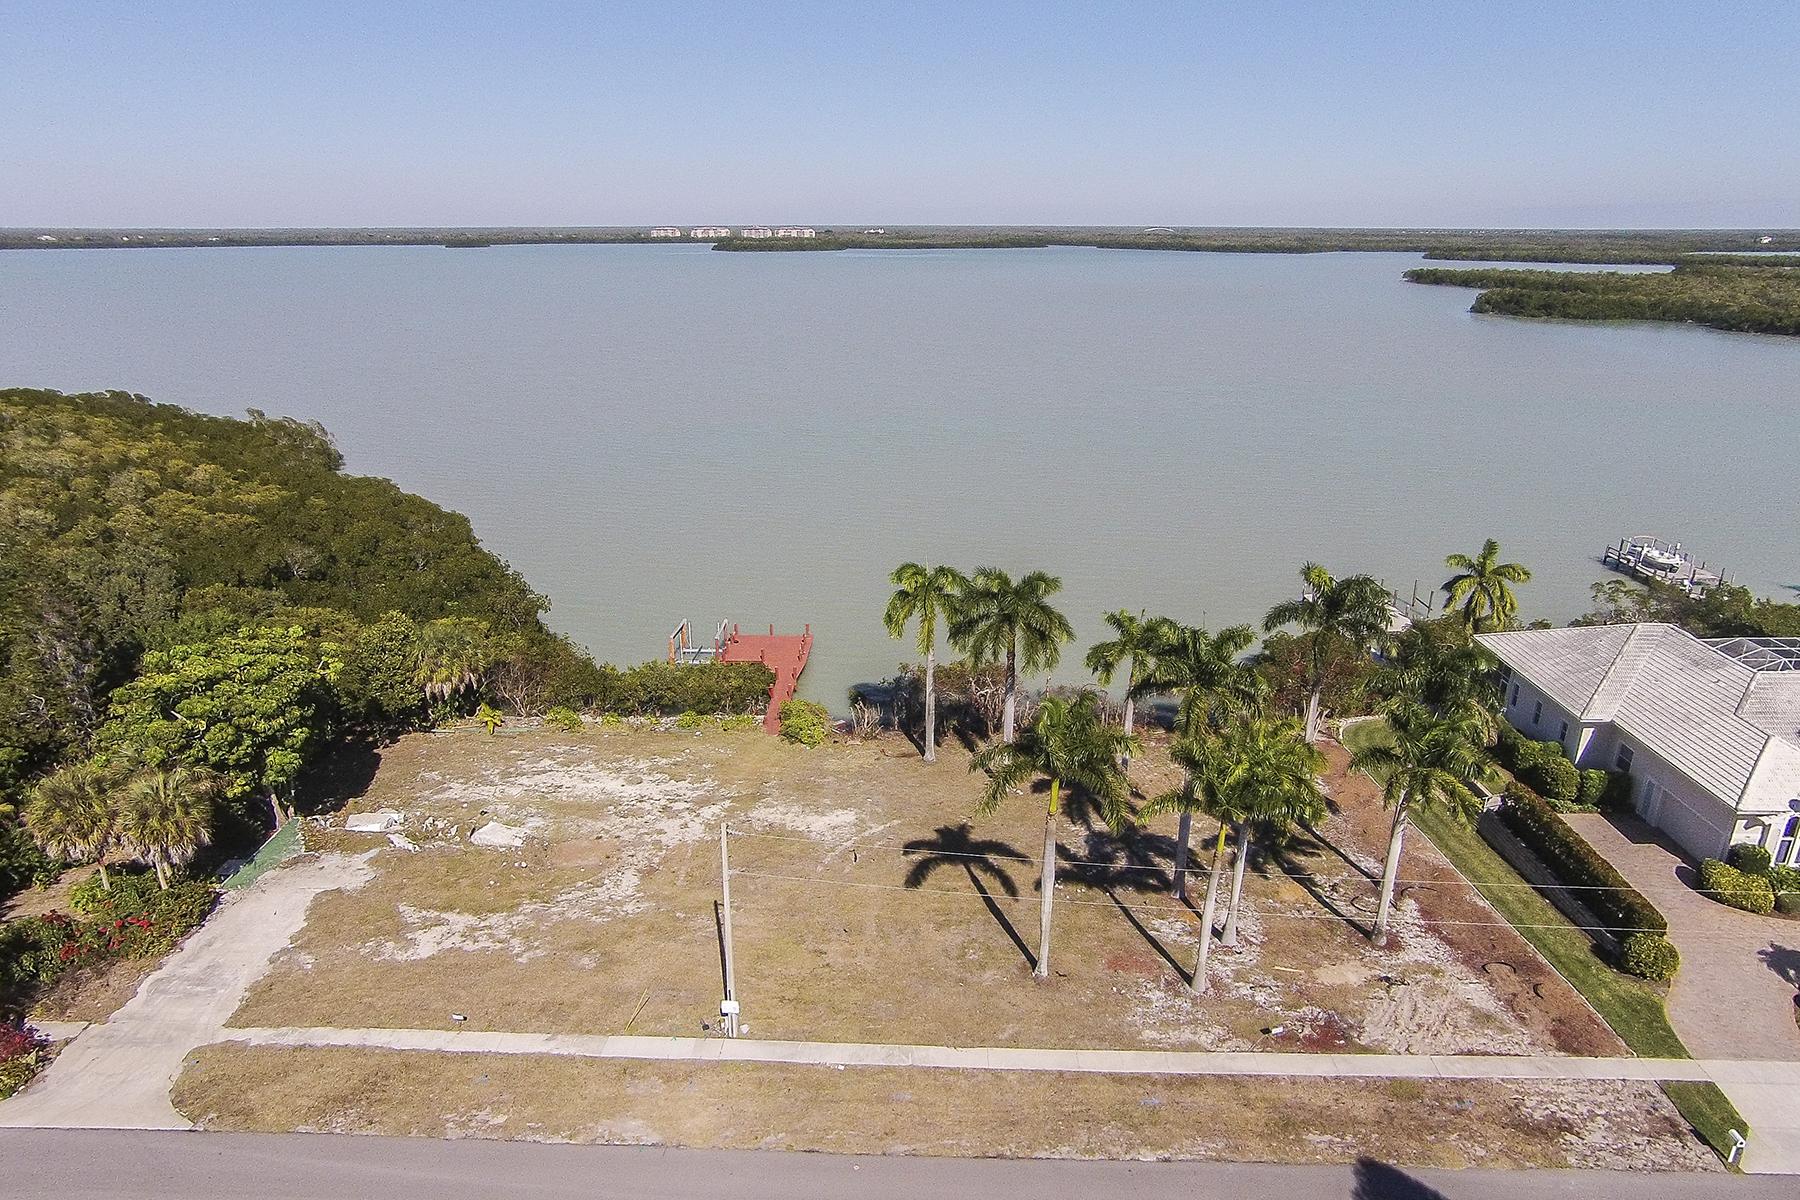 Terreno por un Venta en MARCO ISLAND - CAXAMBAS DRIVE 791 Caxambas Dr Marco Island, Florida 34145 Estados Unidos